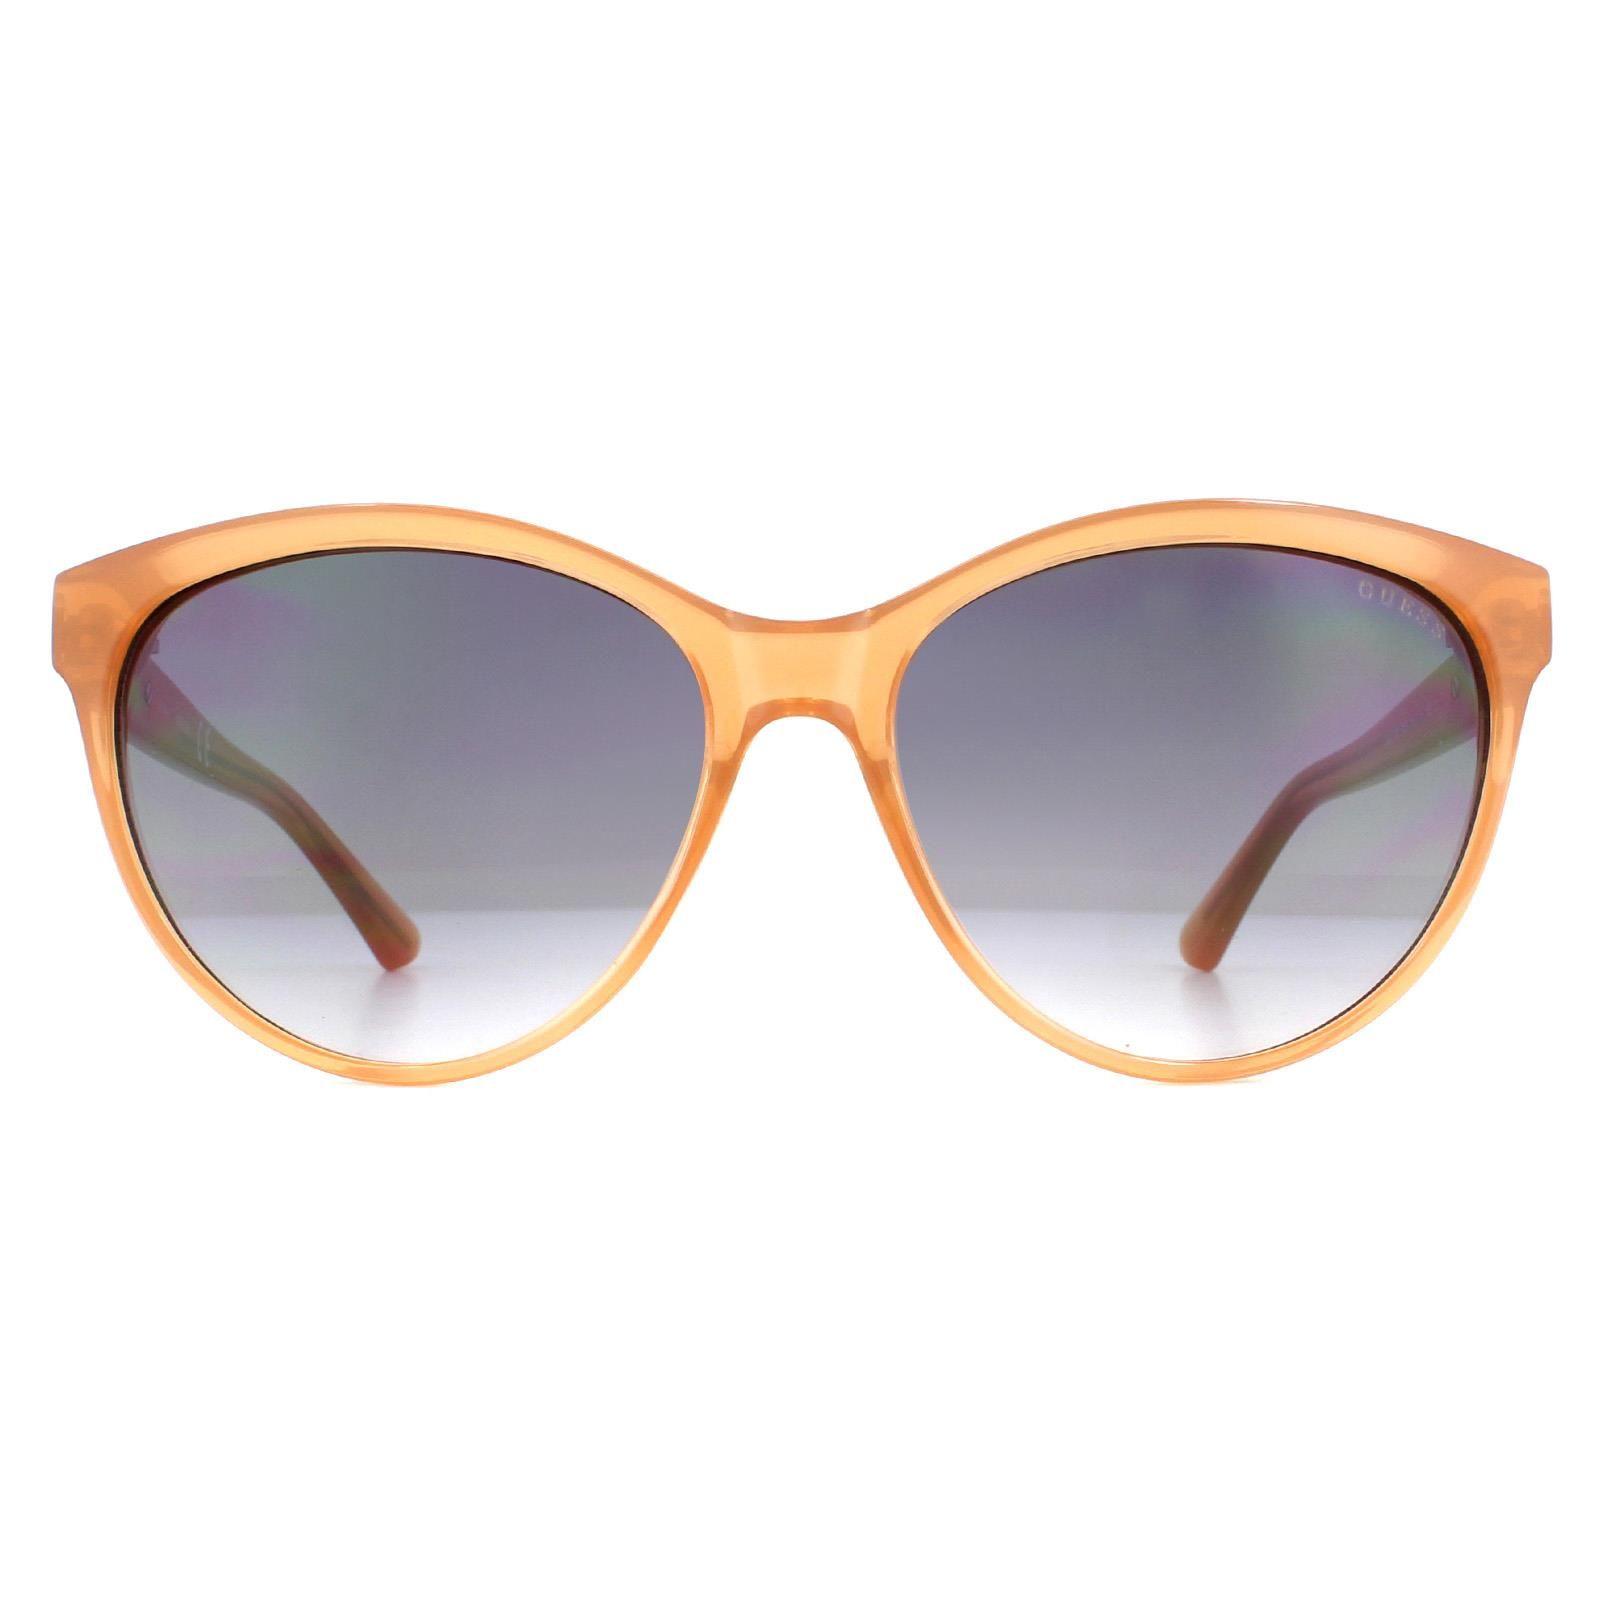 Guess Sunglasses GU7386 45B Transparent Brown Grey Gradient